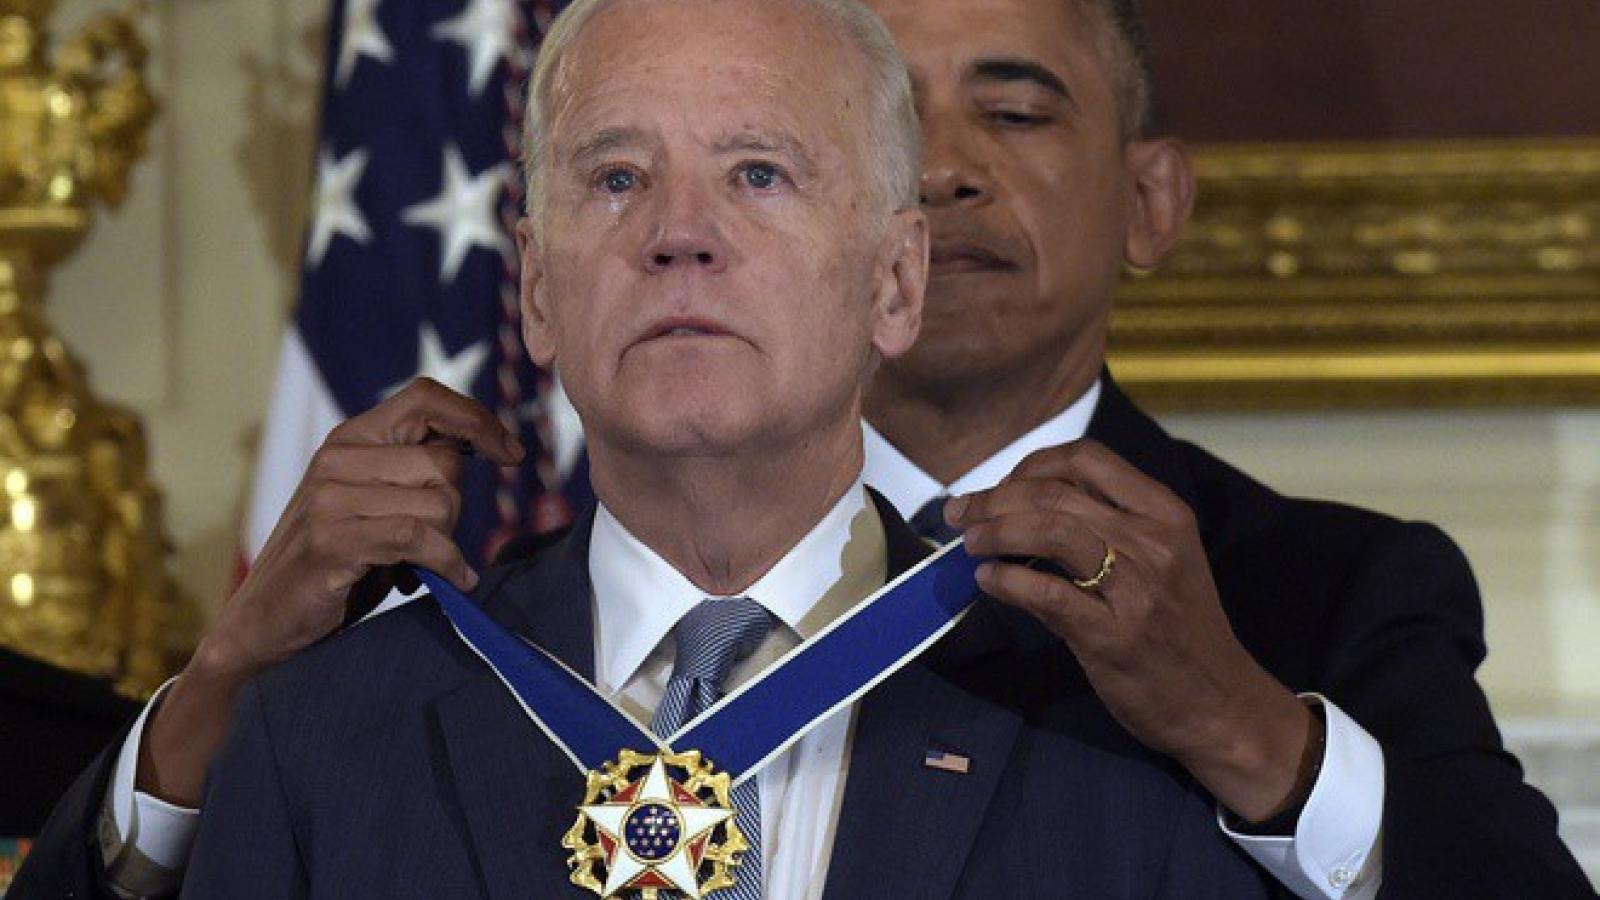 Cựu Tổng thống Mỹ Obama ủng hộ ông Joe Biden trong cuộc đua vào Nhà Trắng 